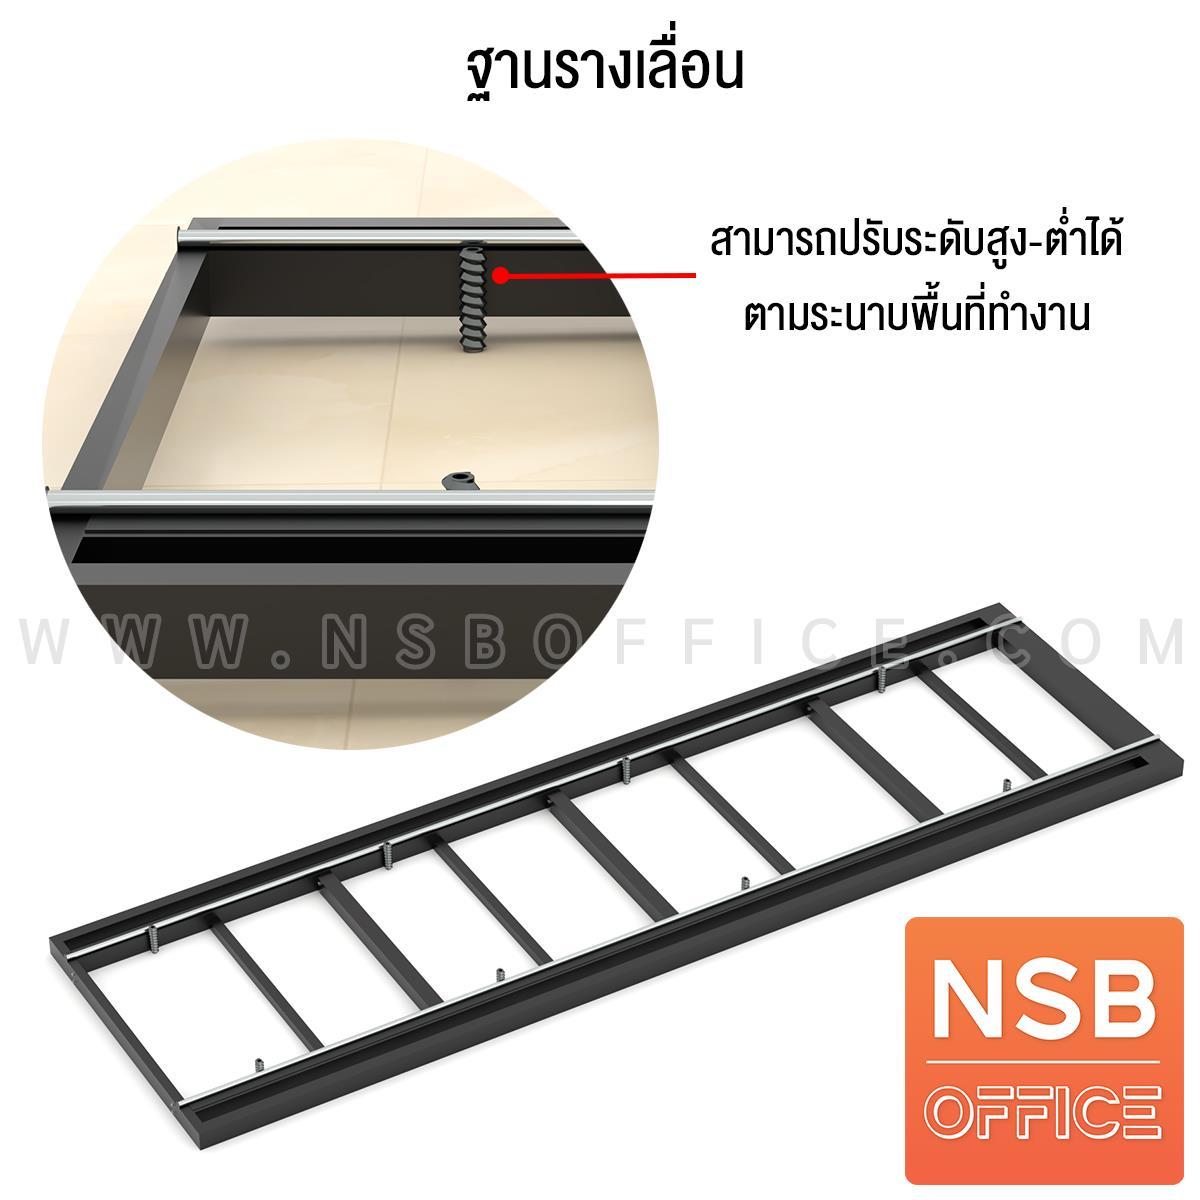 ตู้รางเลื่อนแบบมือผลัก 121.7D cm  ขนาด 4, 6, 8, 10, 12, 14, 16 ตู้